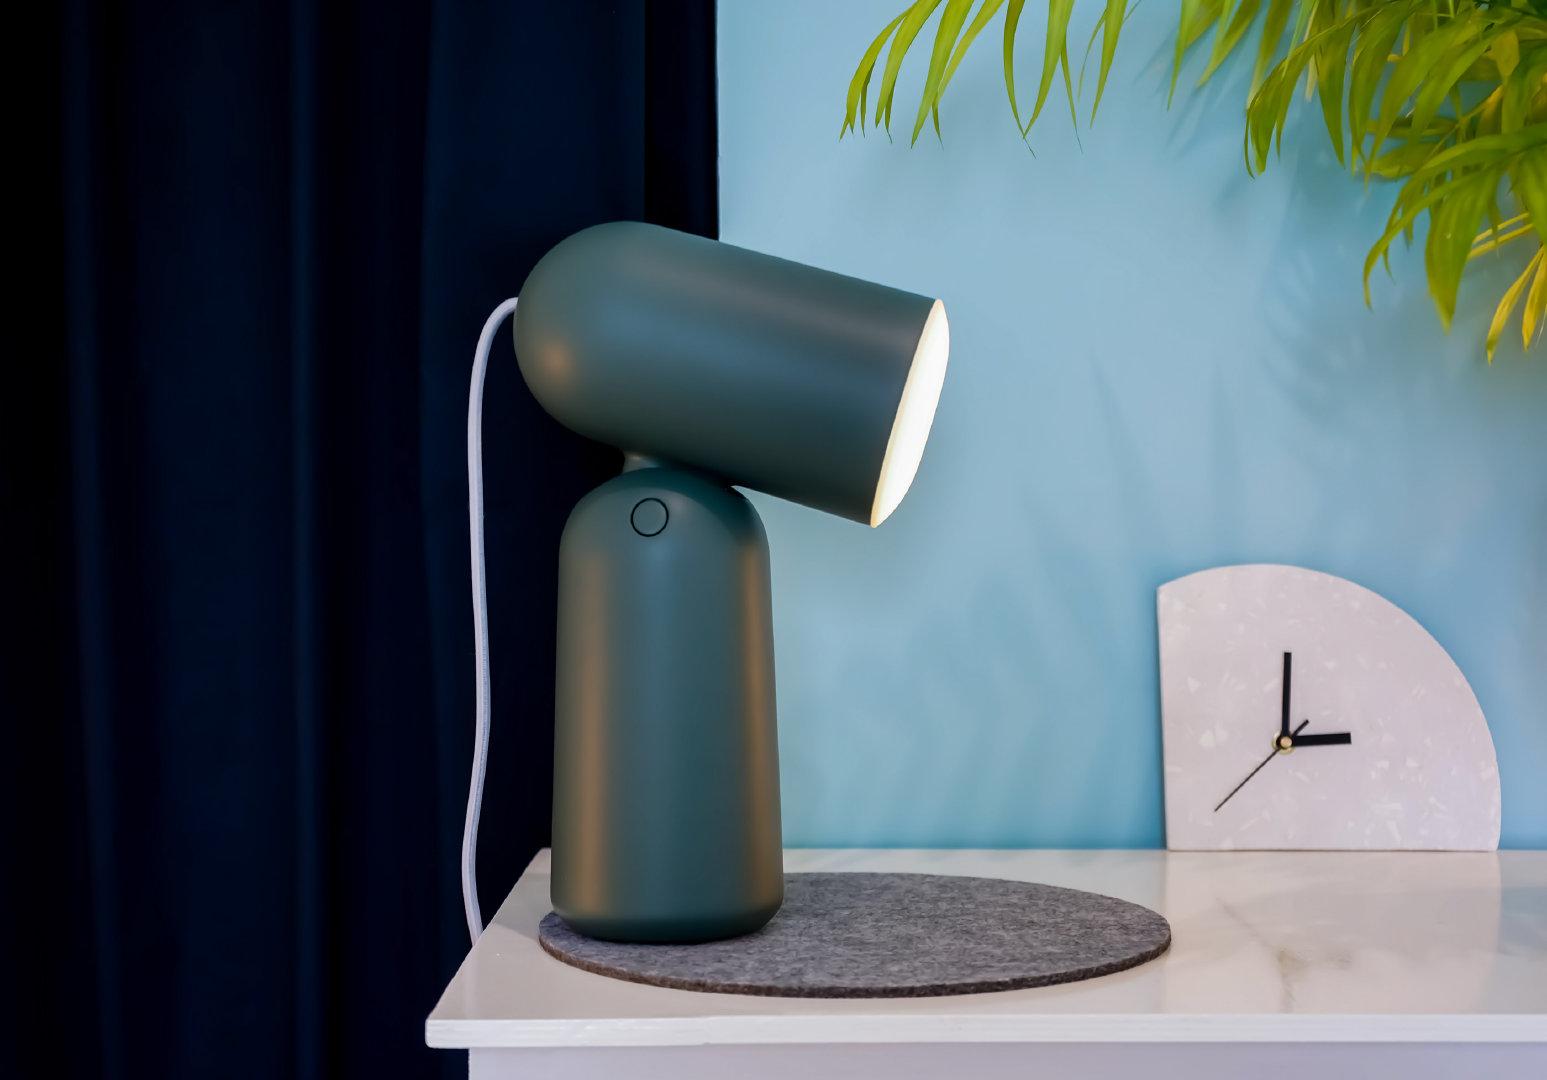 Buddy是一款与Gantri合作设计和生产的3D打印工作灯